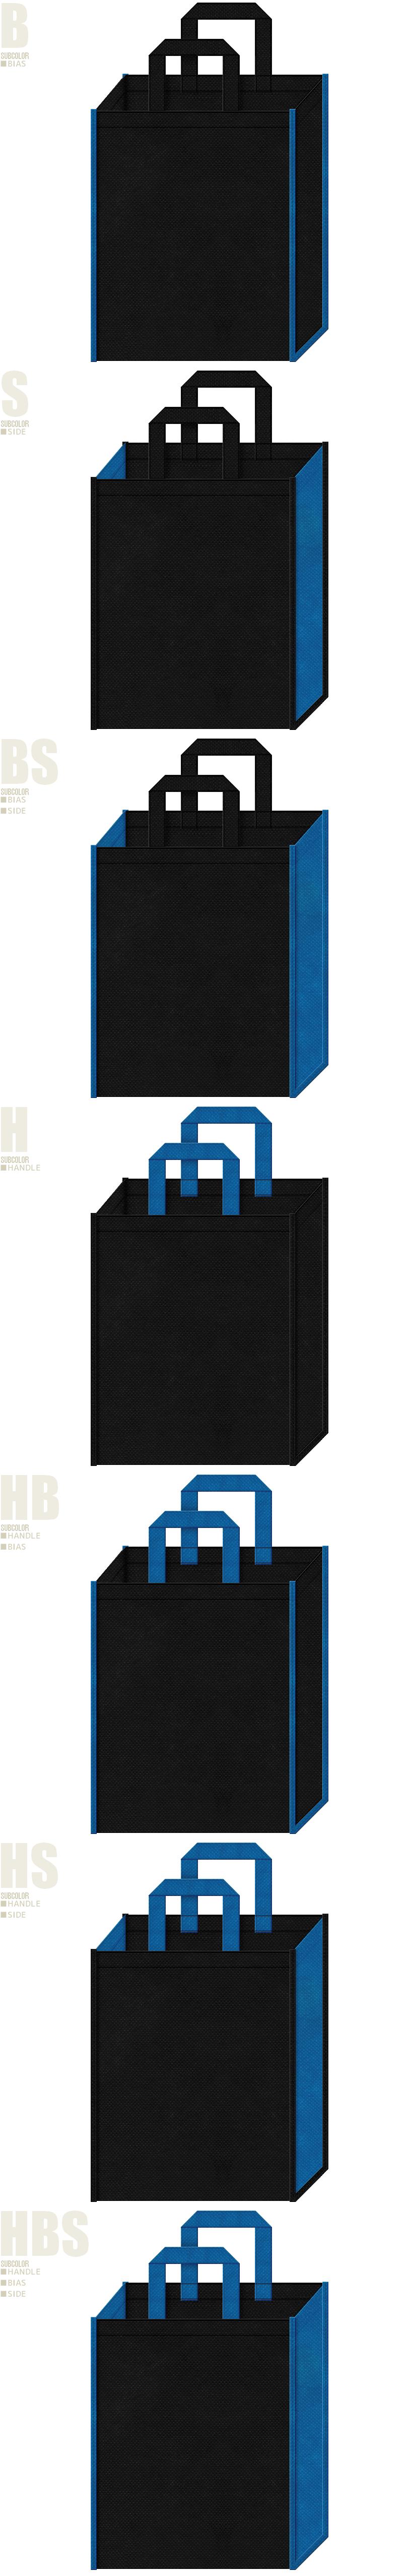 対戦型格闘ゲーム・情報セキュリティ・水素自動車・AI・LED照明・電子部品・カーセンサー・ドライブレコーダー・カー用品の展示会用バッグにお奨めの不織布バッグデザイン:黒色と青色の配色7パターン